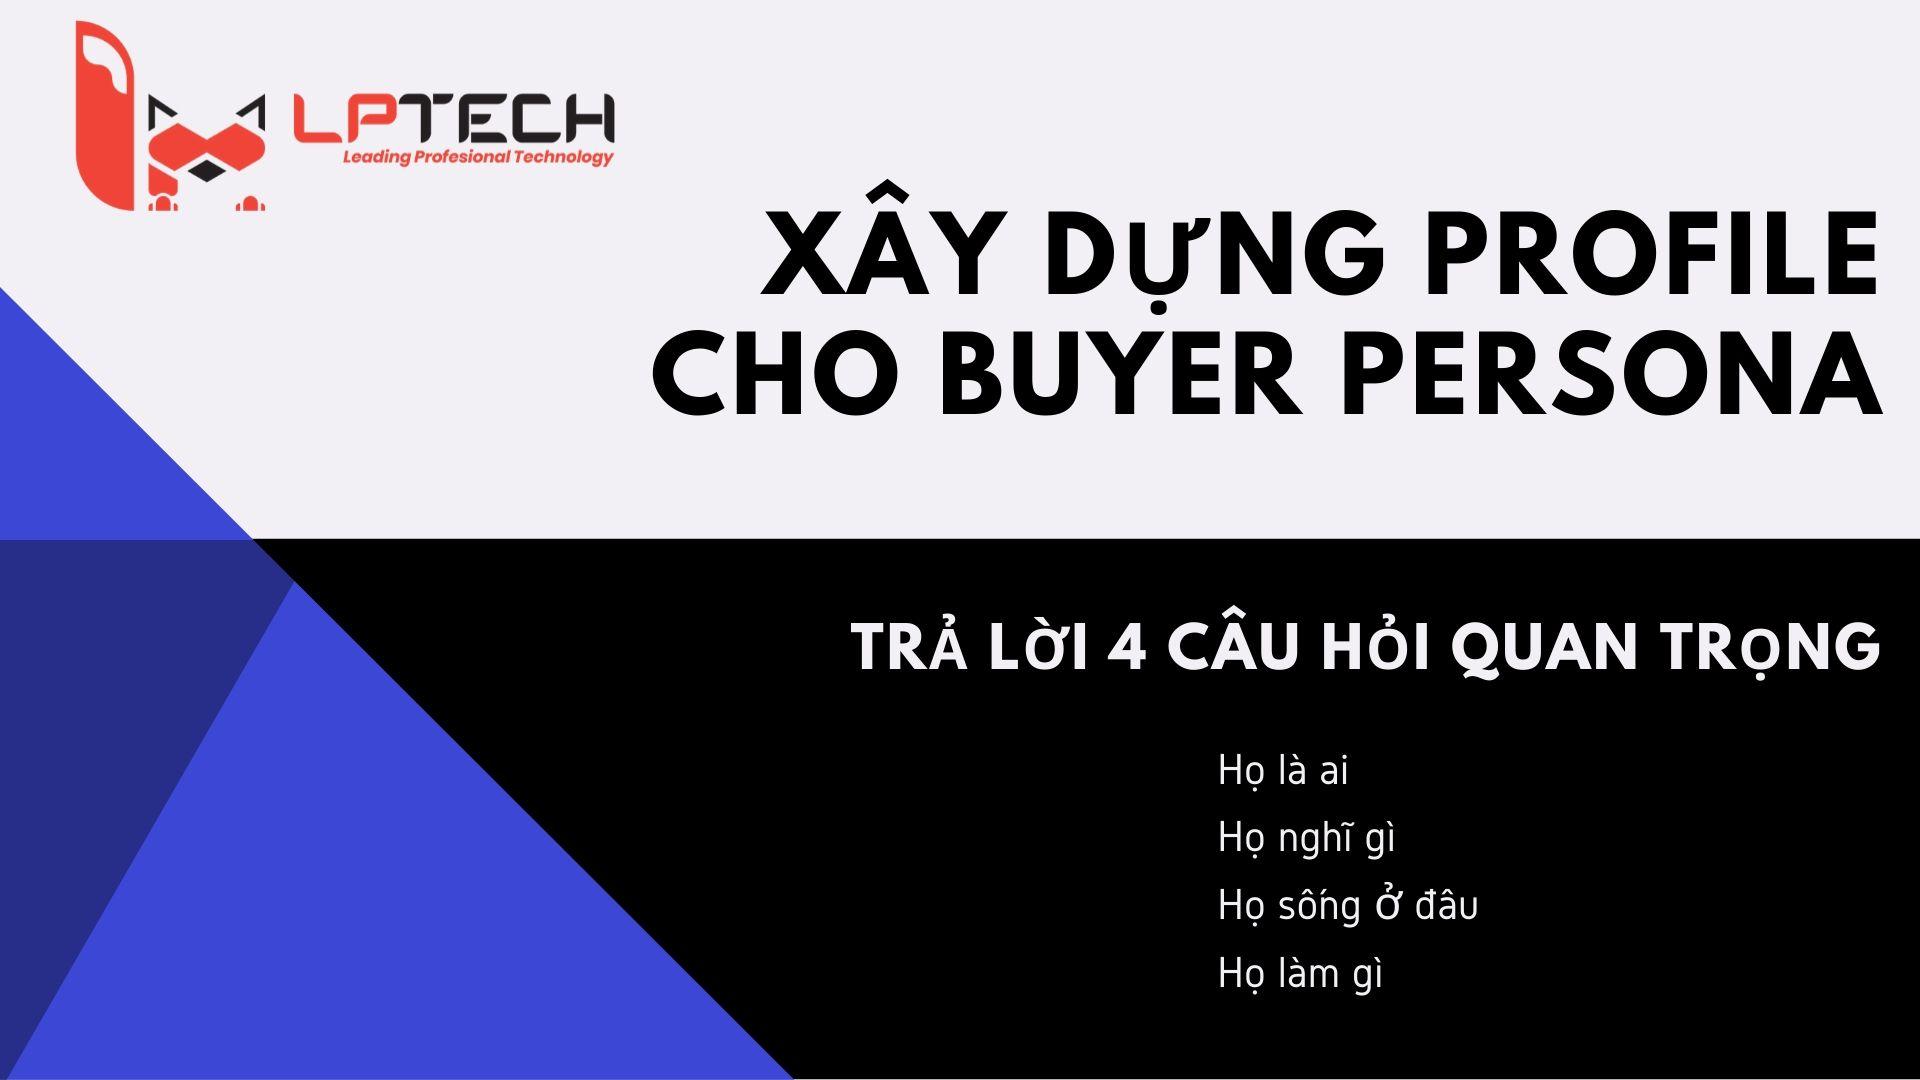 Tạo profile cho buyer persona